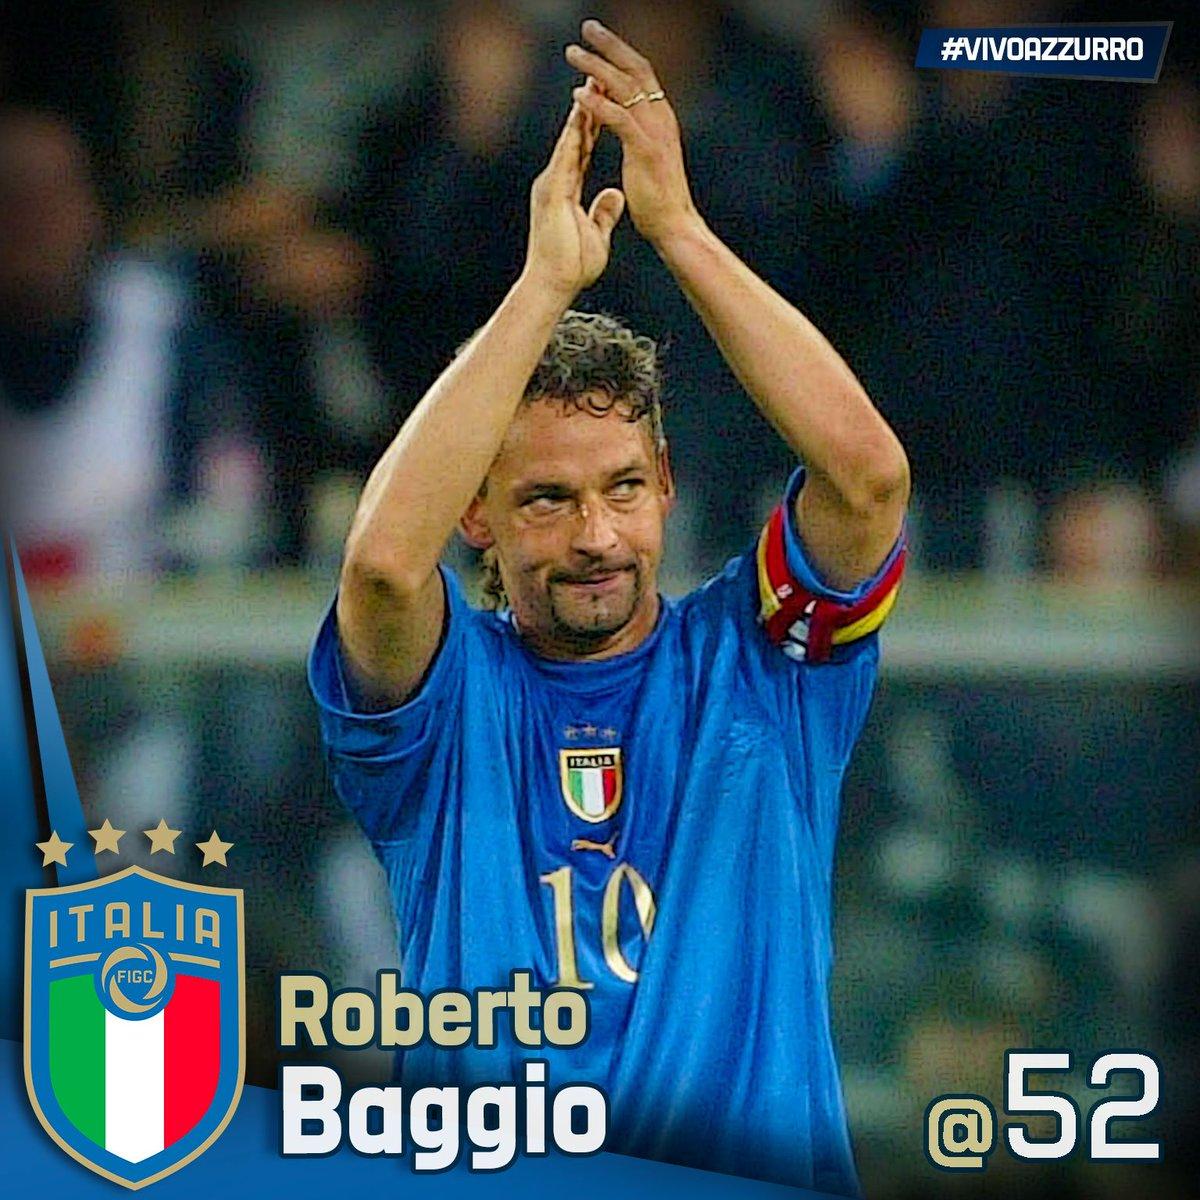 🎂 Buon compleanno a Roberto #Baggio! 🇮🇹 56 presenze in #Nazionale ⚽️ 27 #gol 🥇#PalloneDOro 1993 ⭐️ #HallOfFame del #Calcio Italiano 🗓 #Caldogno, #18Febbraio 1967 L'articolo 👉🏻 https://bit.ly/2IlZk7s  #Azzurri #EroiAzzurri #VivoAzzurro #Italia #RobertoBaggio